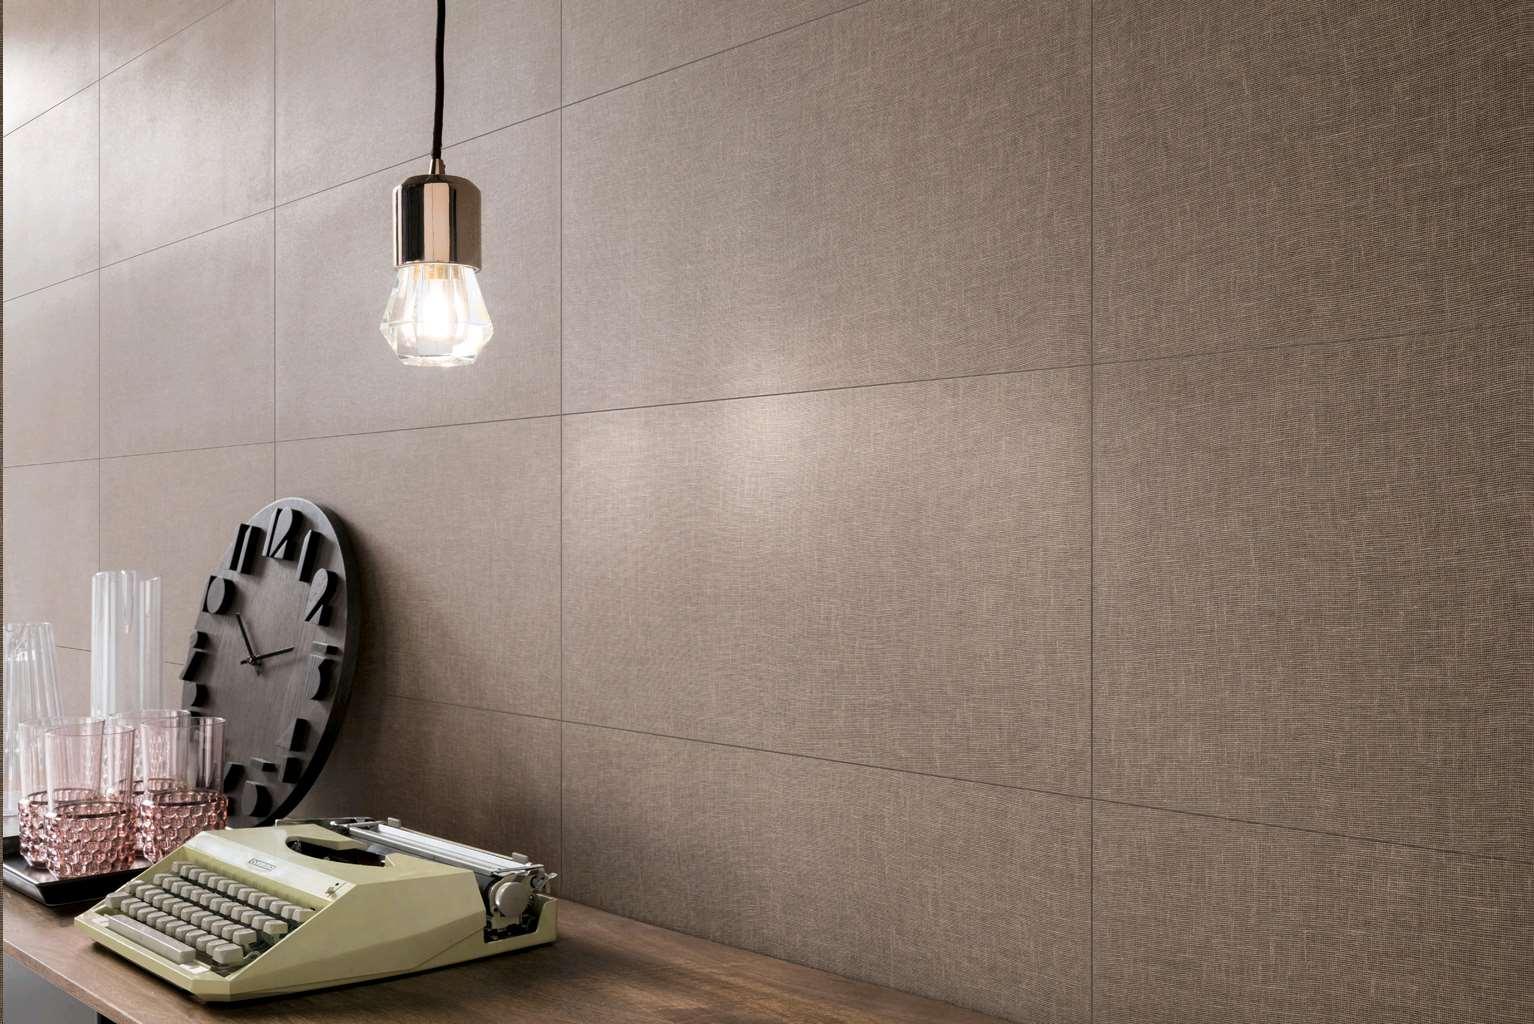 Carrelage mirage reve lino sapin rett marron 60 x 30 for Lino pas cher en ligne